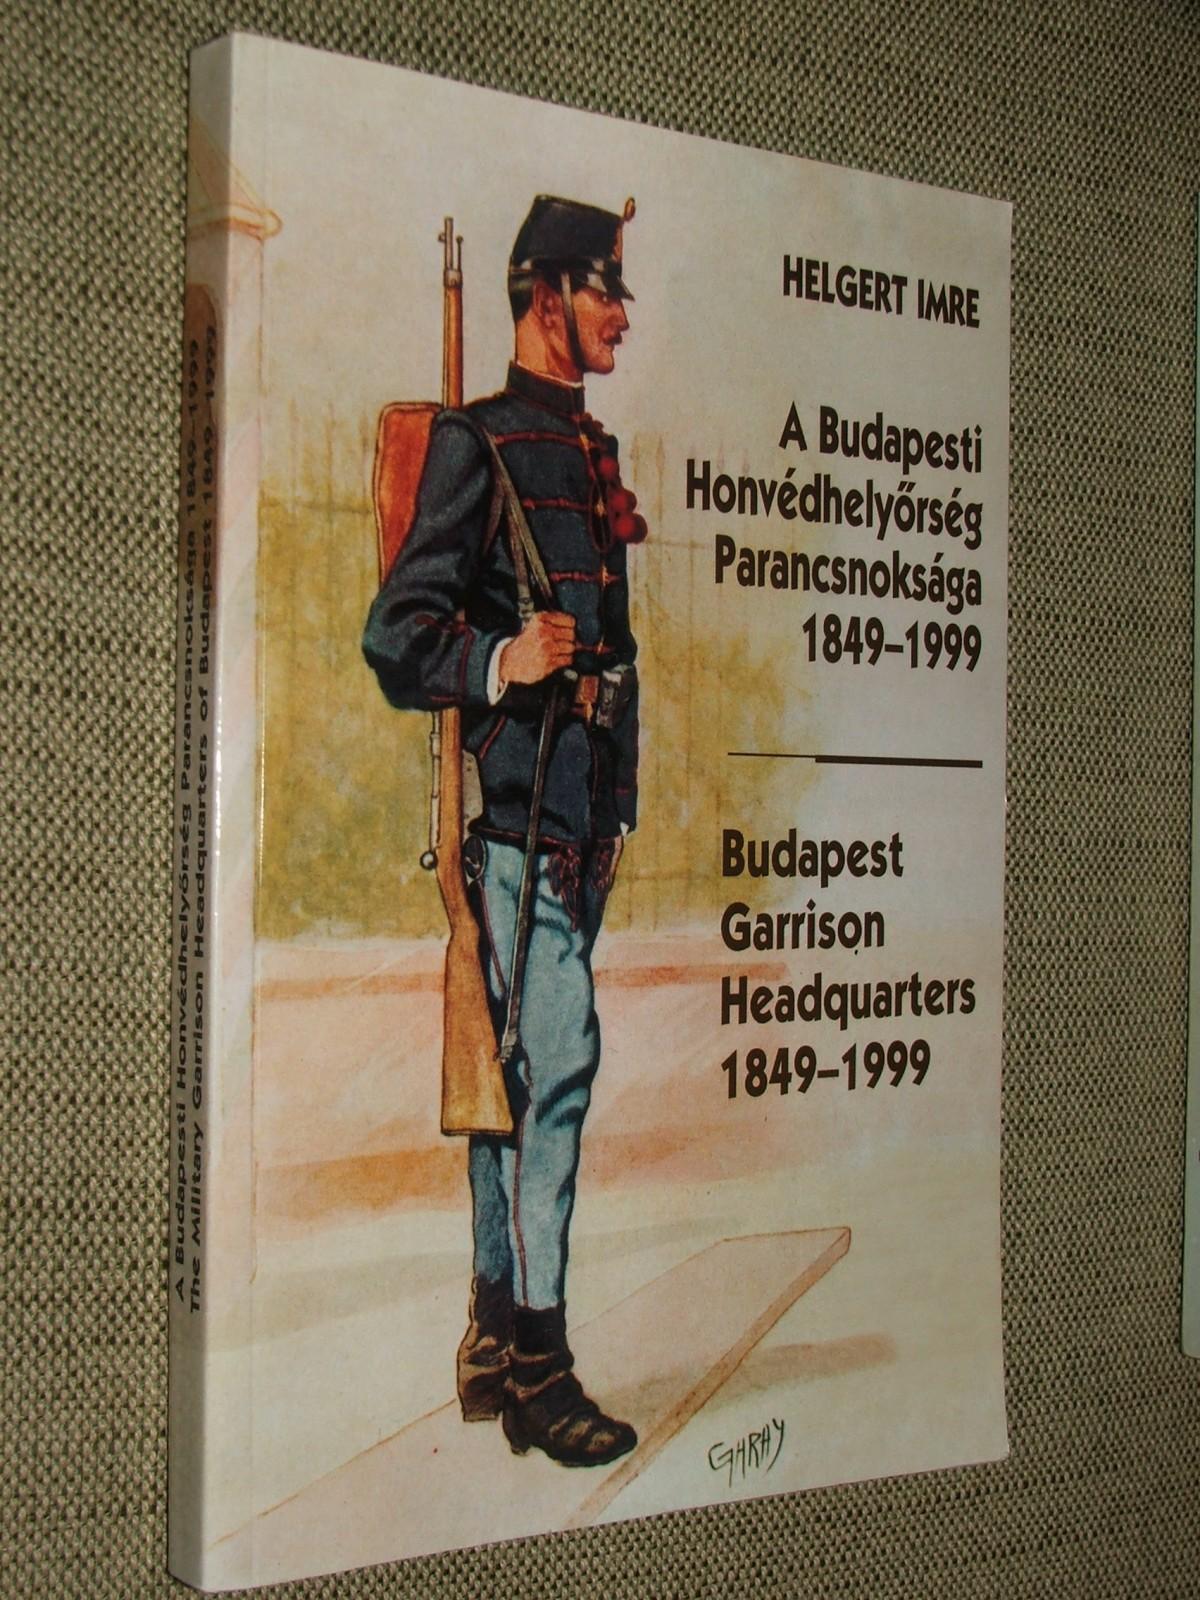 HELGERT Imre: A Budapesti Honvédhelyőrség Parancsnoksága 1849-1999